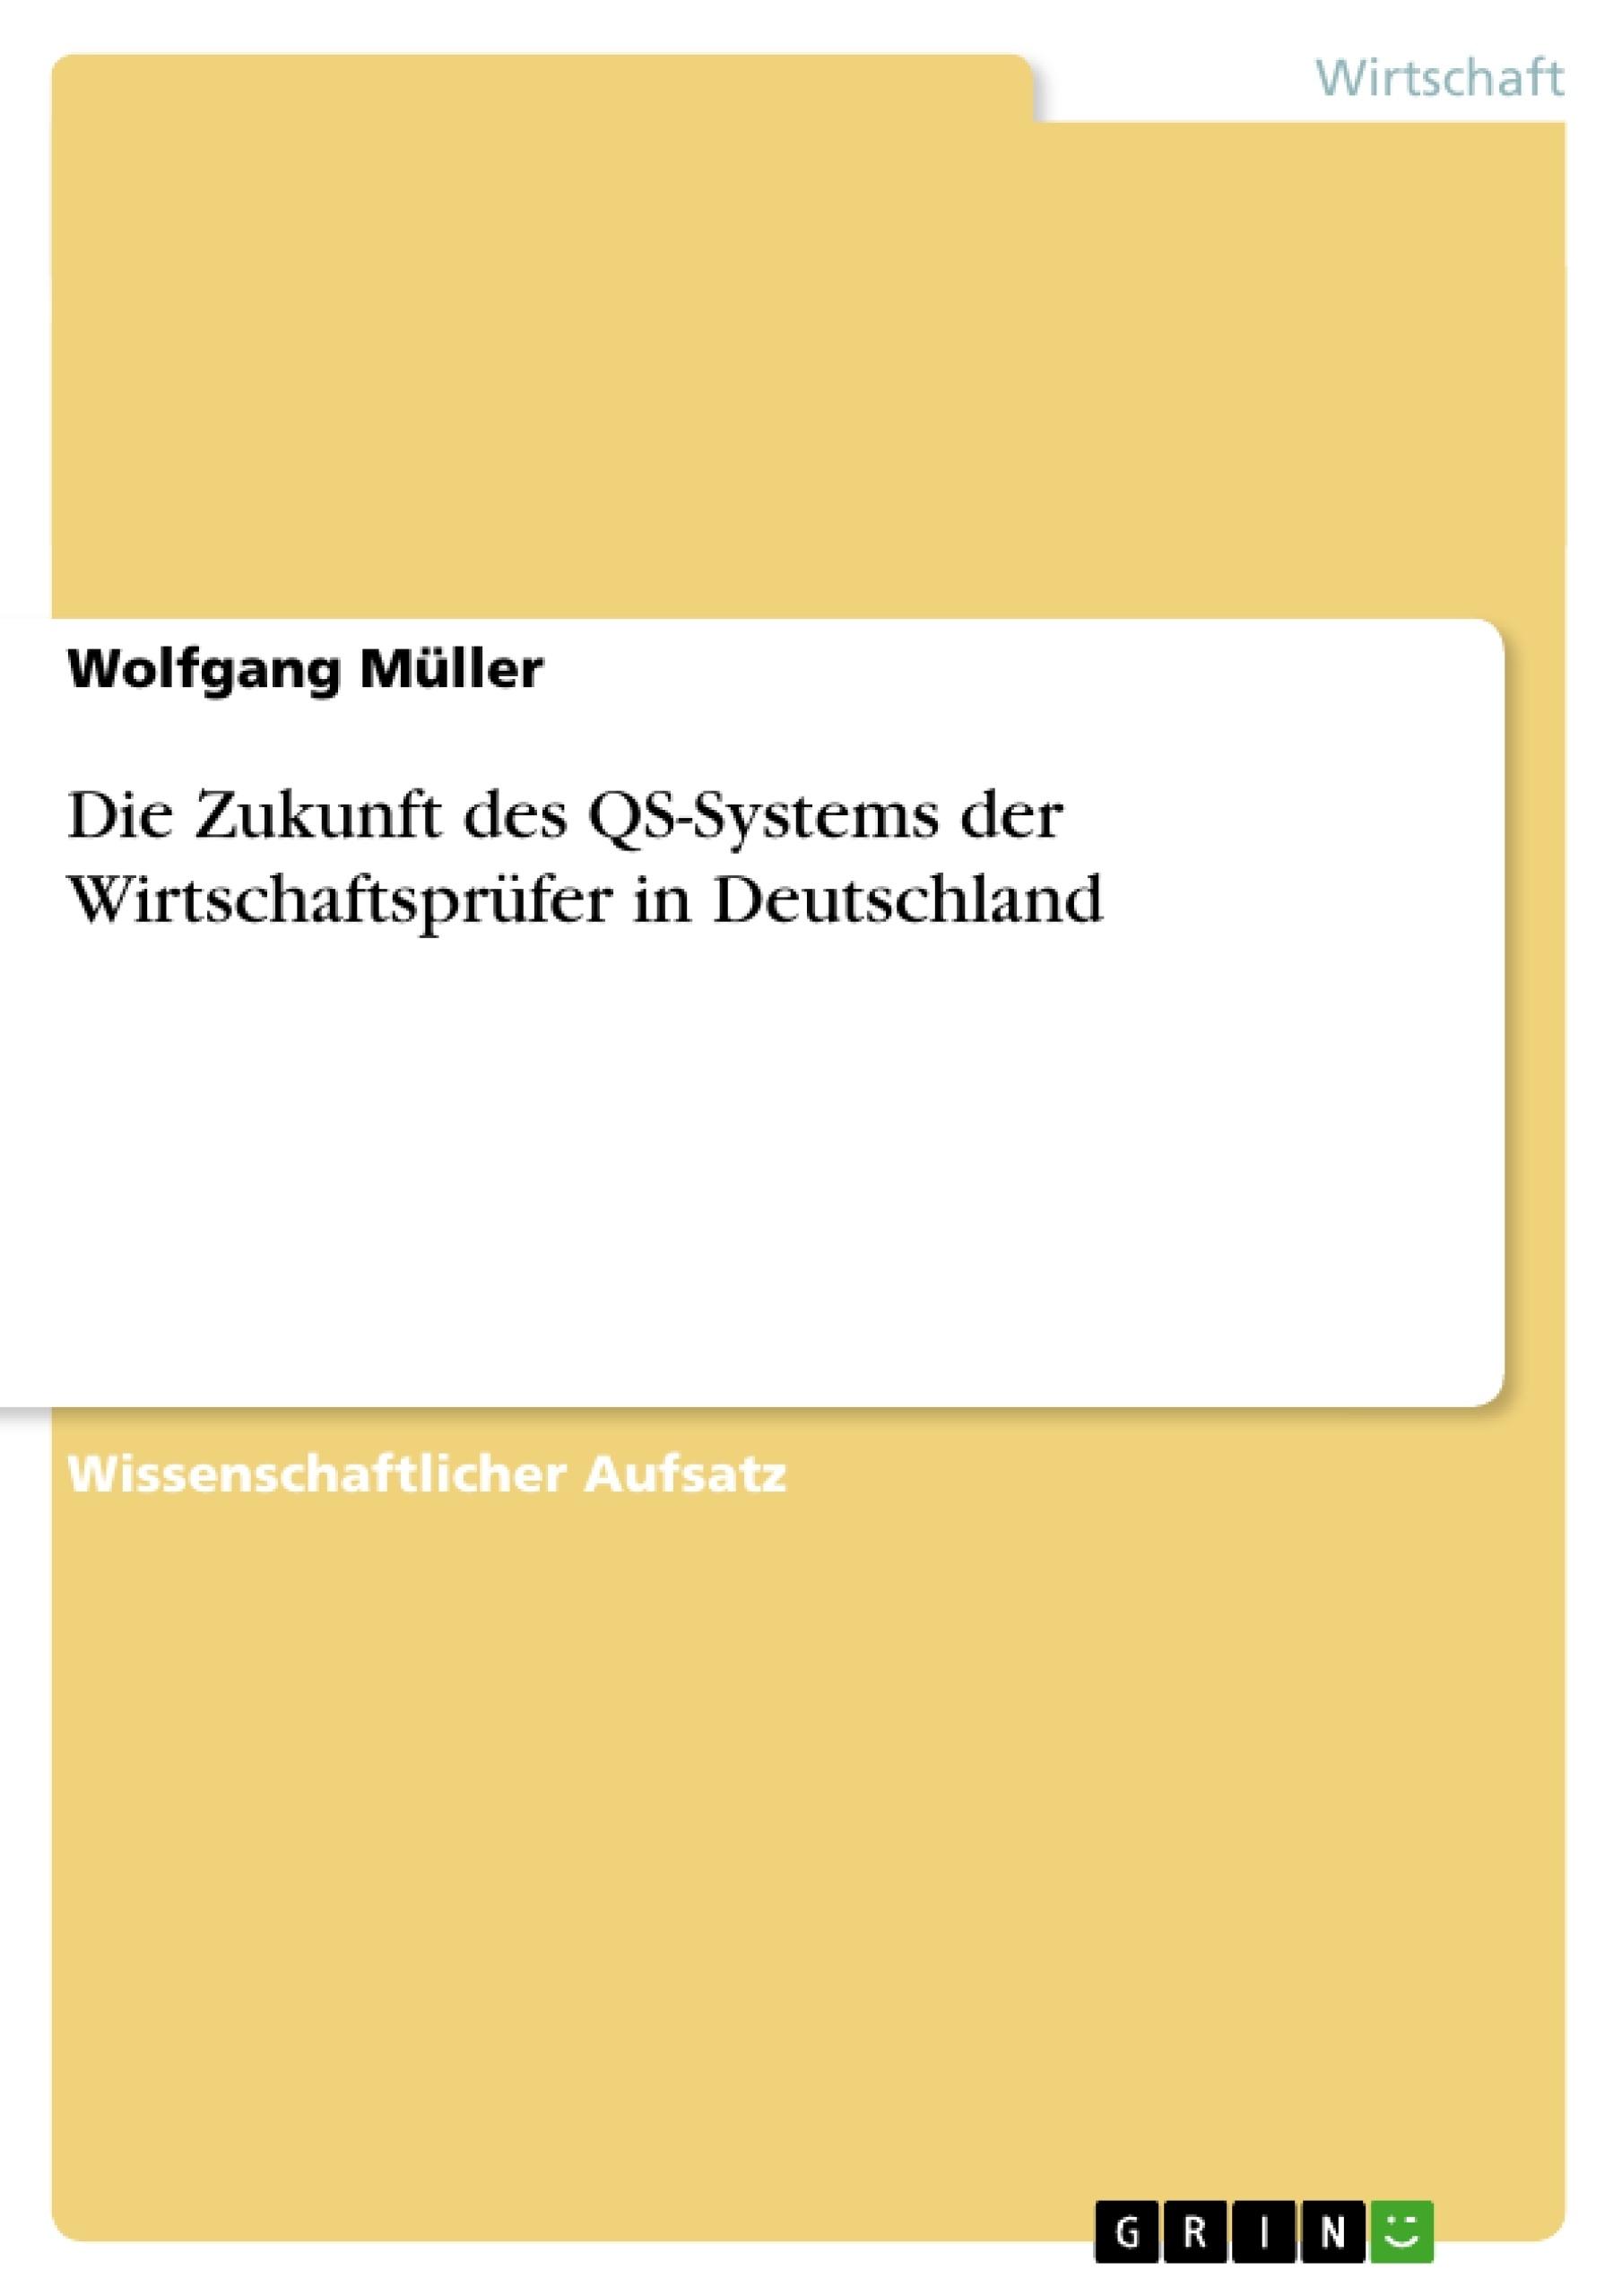 Titel: Die Zukunft des QS-Systems der Wirtschaftsprüfer in Deutschland